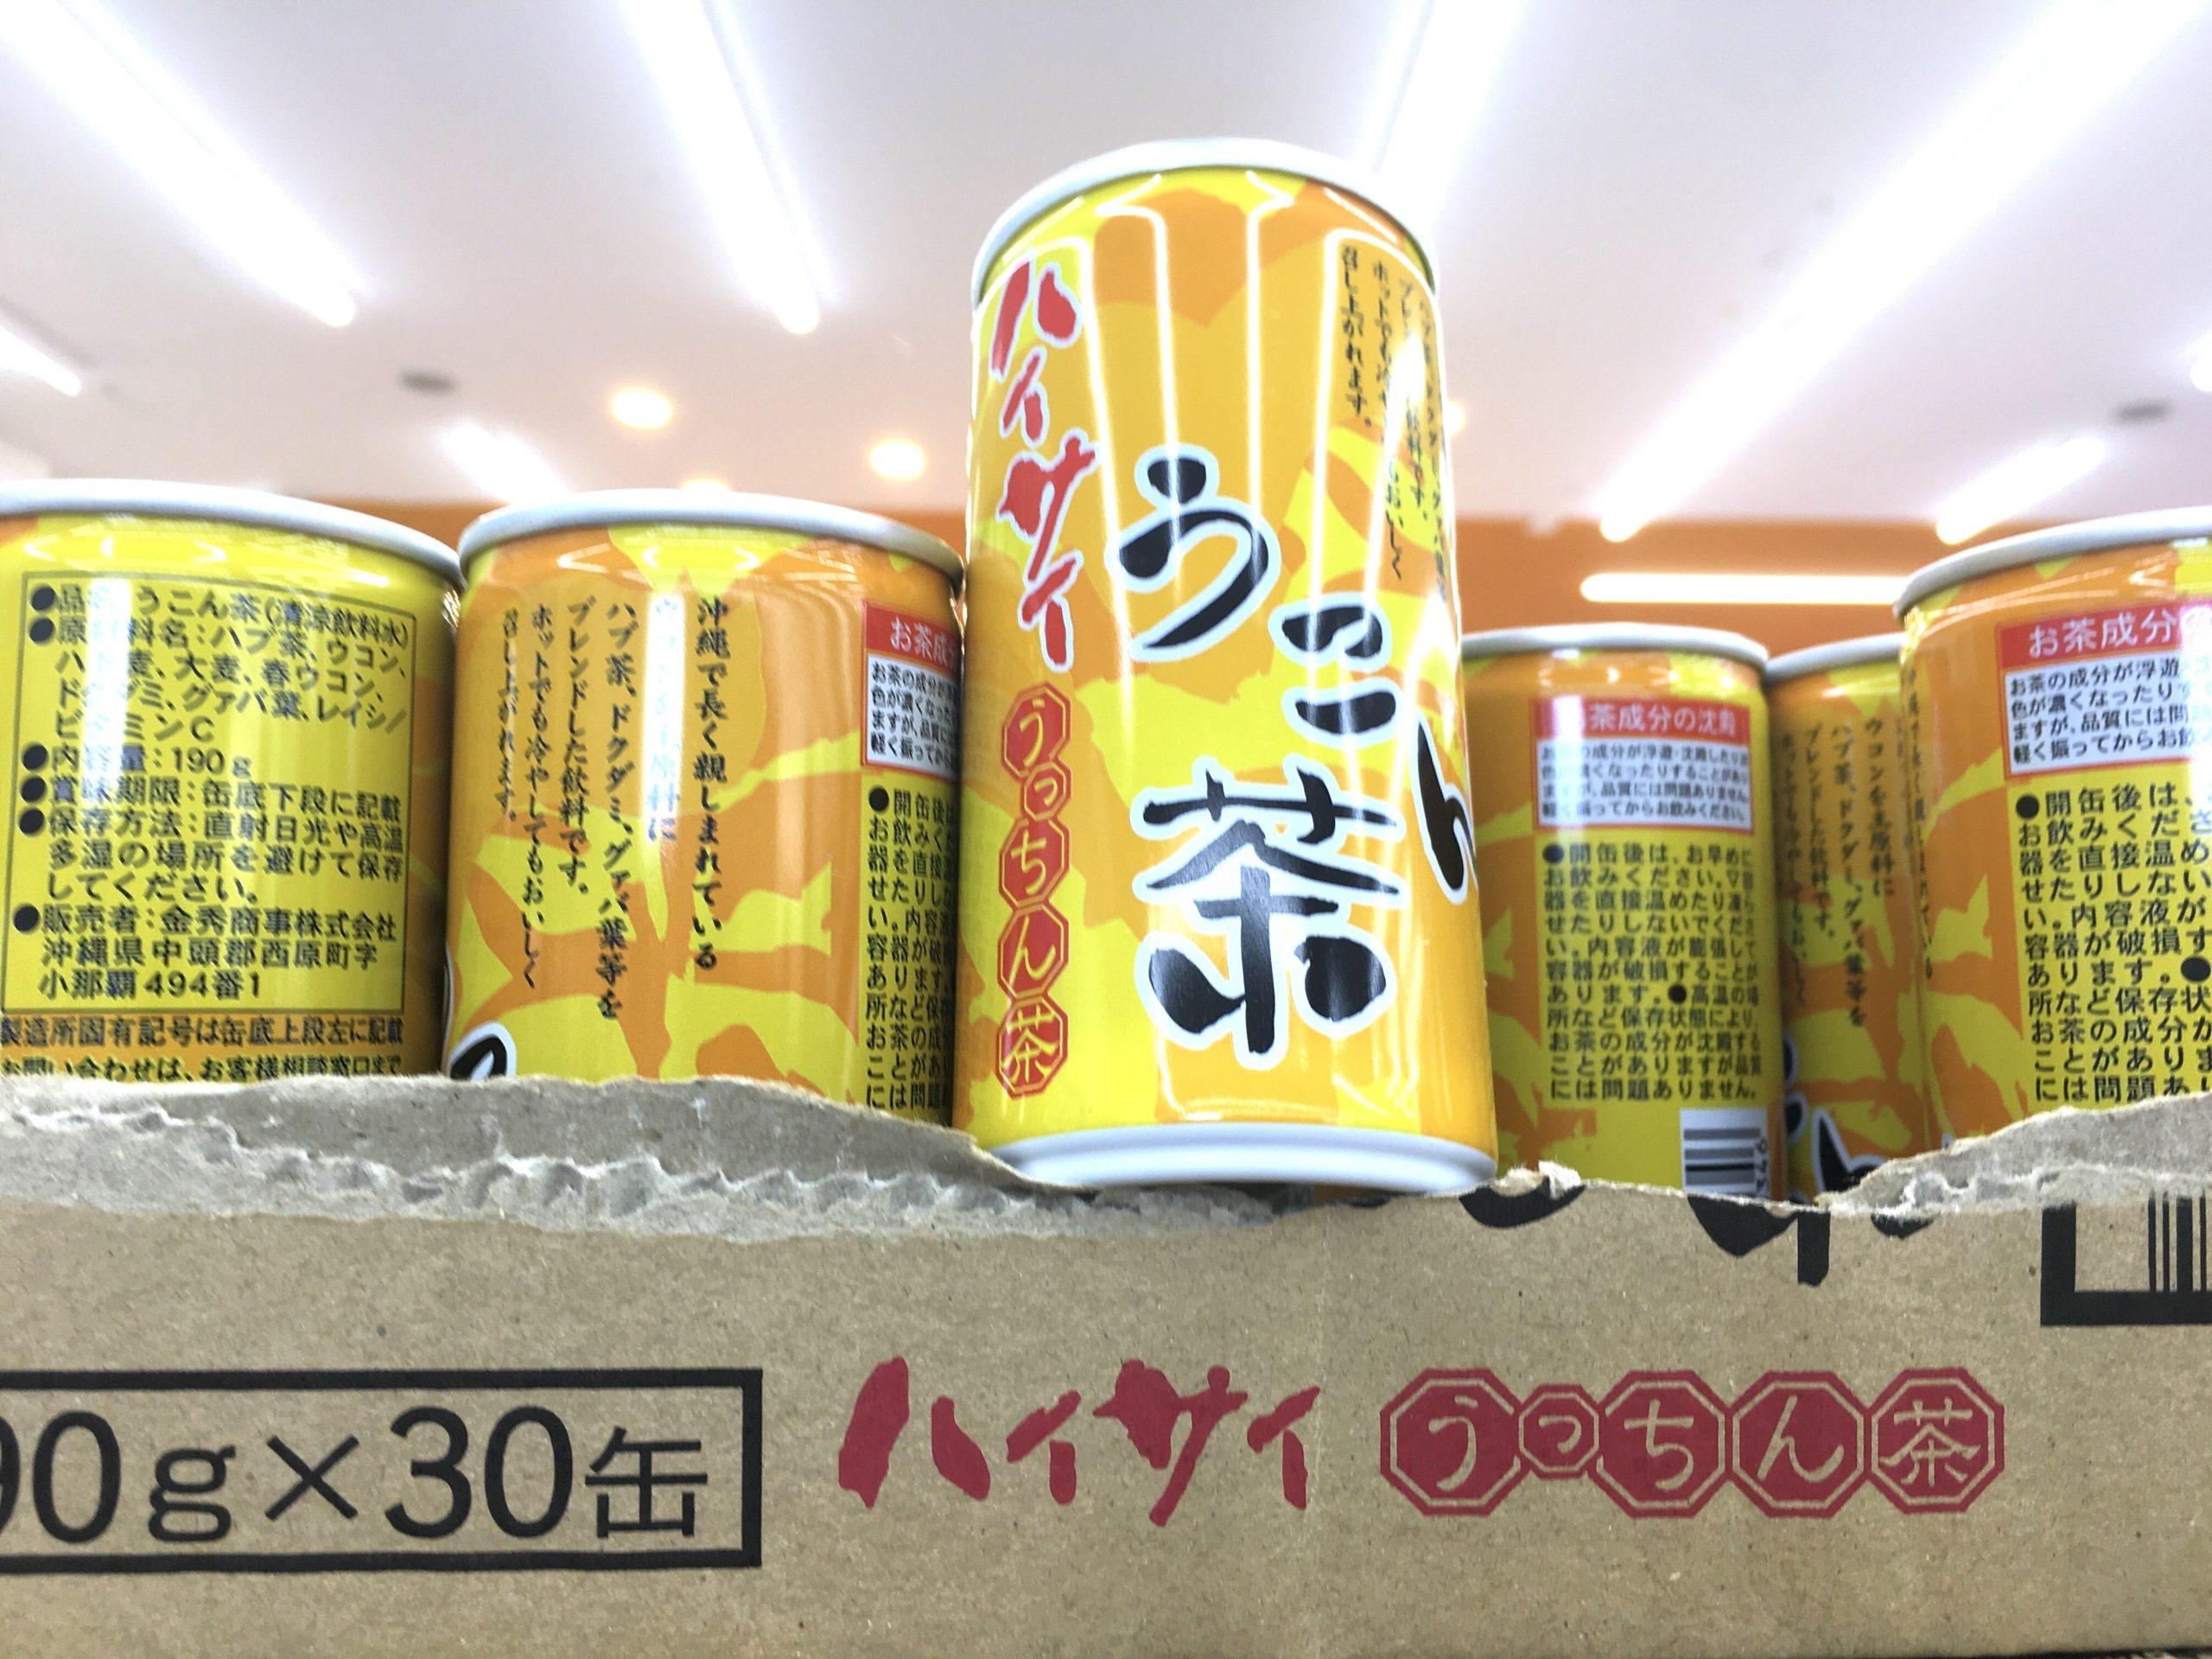 スーパーで見つけたうっちん茶